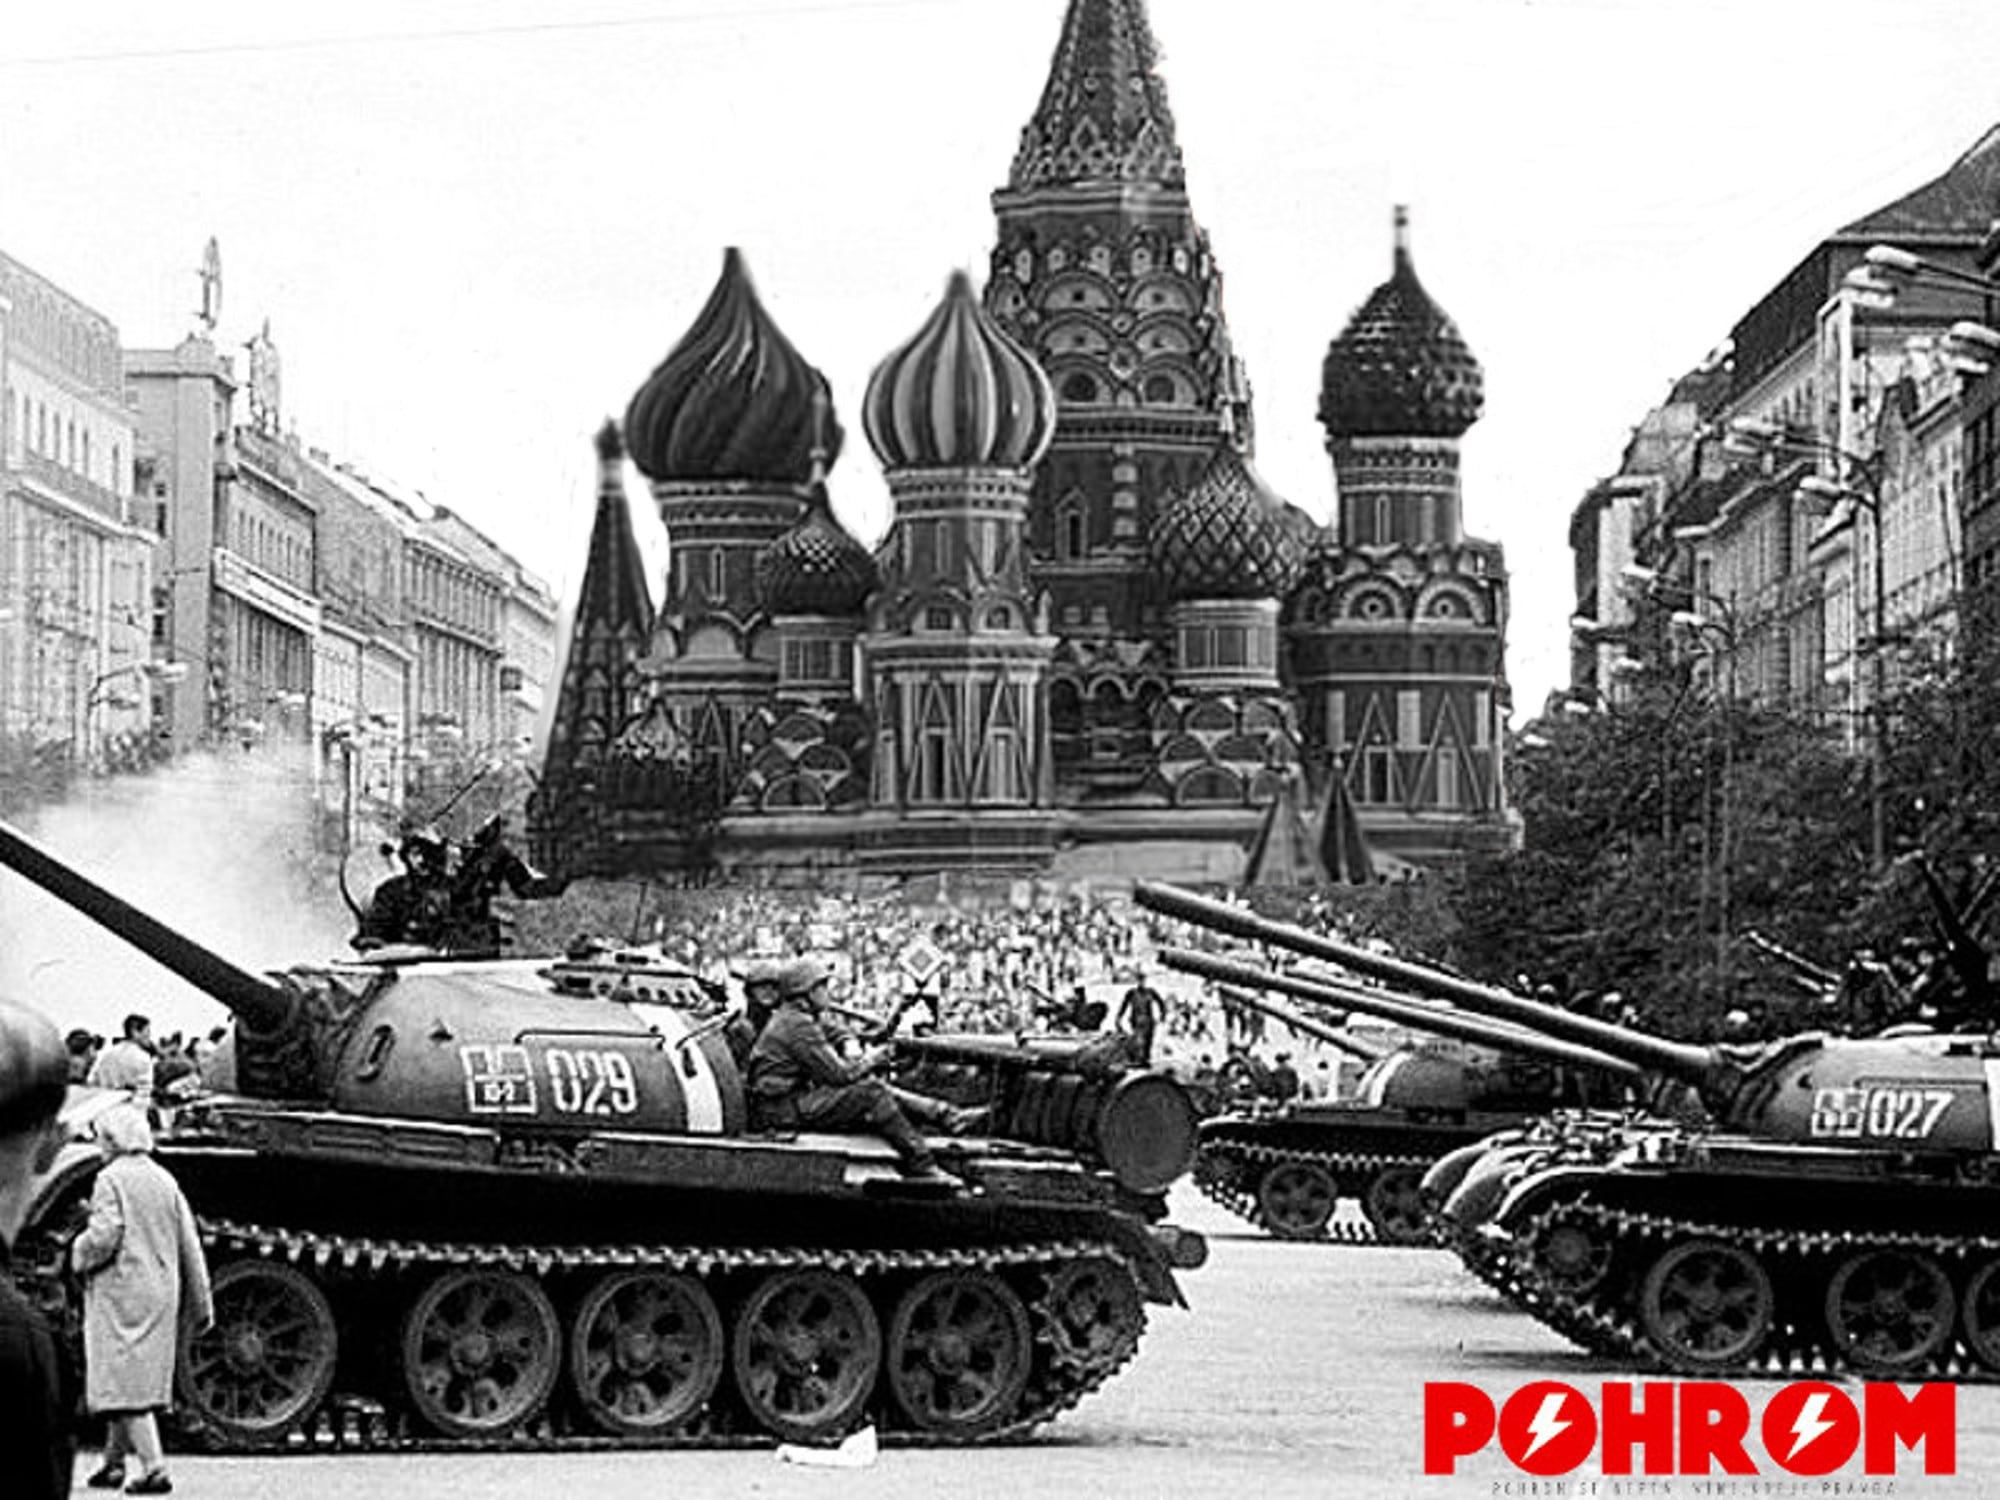 Jedna z fotografií jednoznačně přepisující historii tak, jak ji známe. Tanky před Kremlem. Rok 1968!